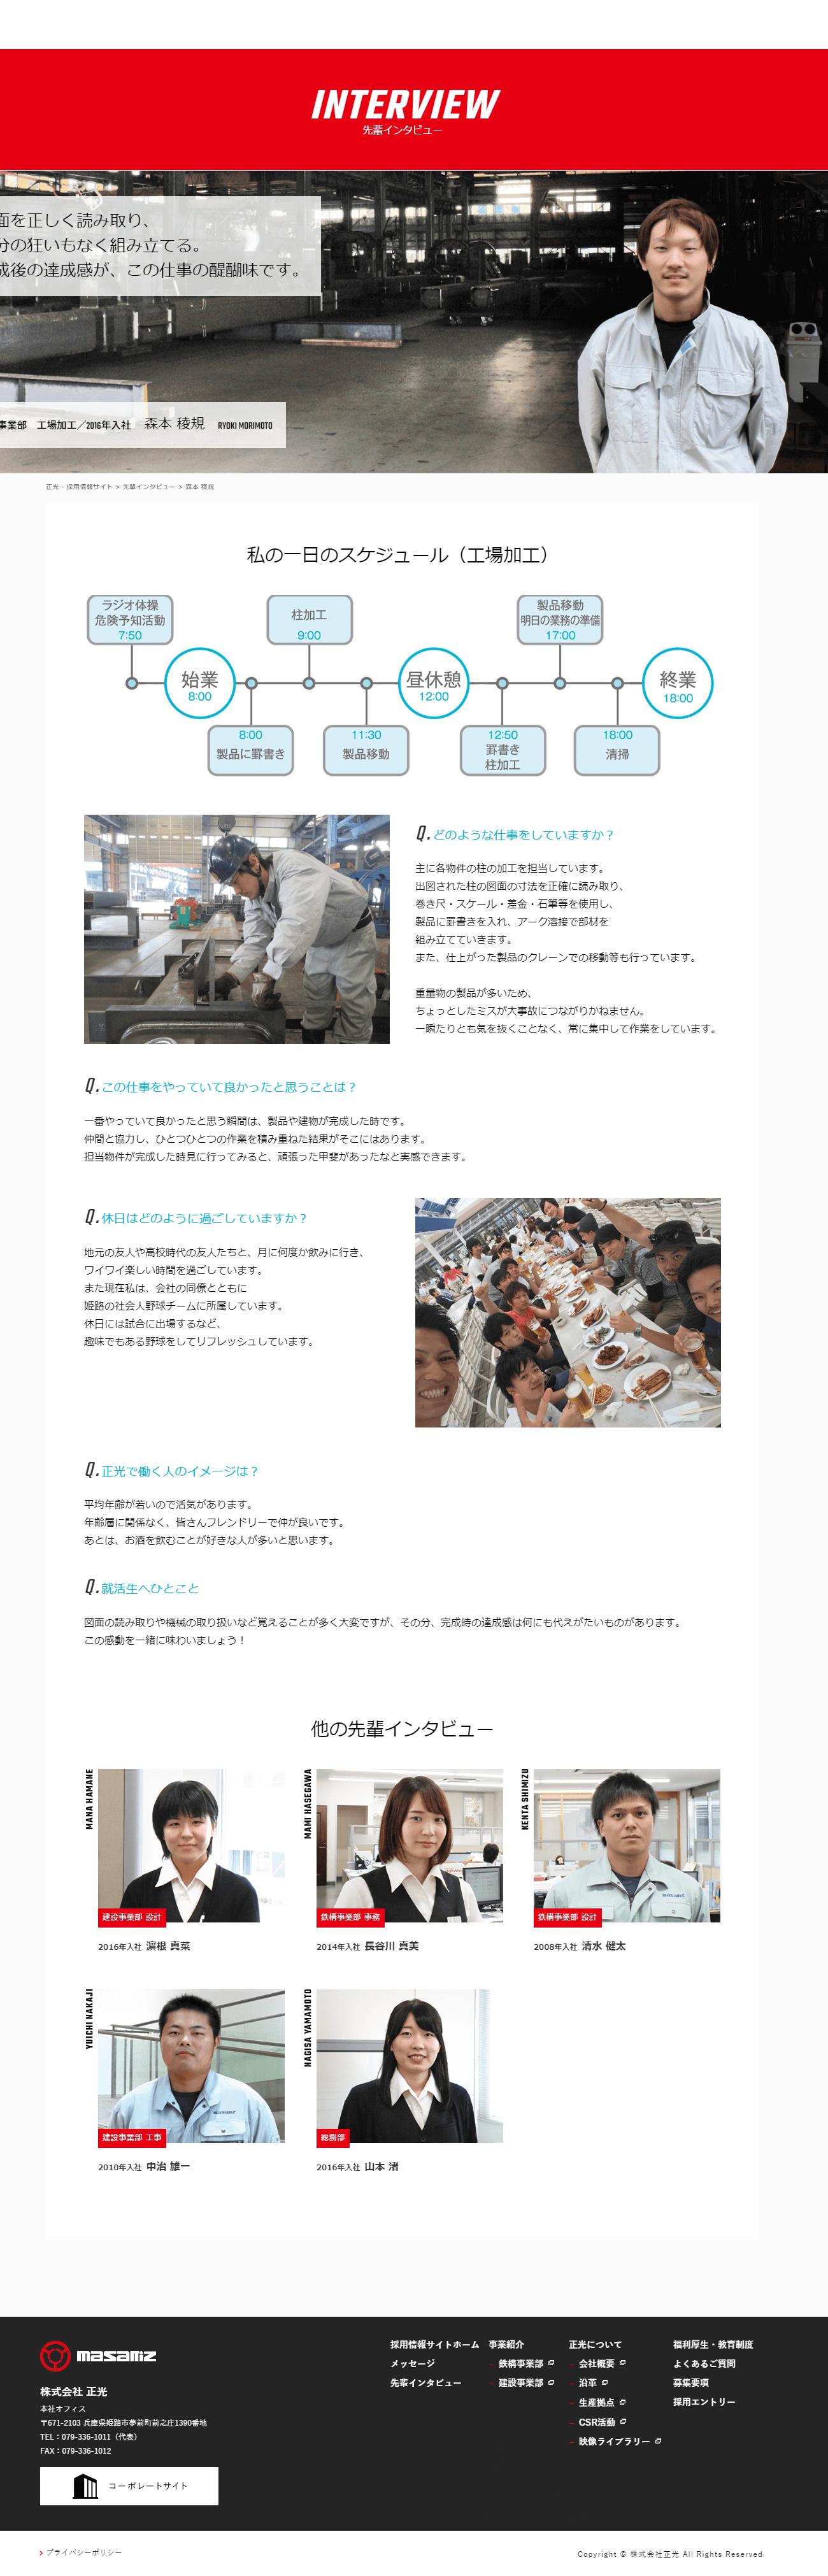 姫路市 株式会社正光 採用専門サイト制作2